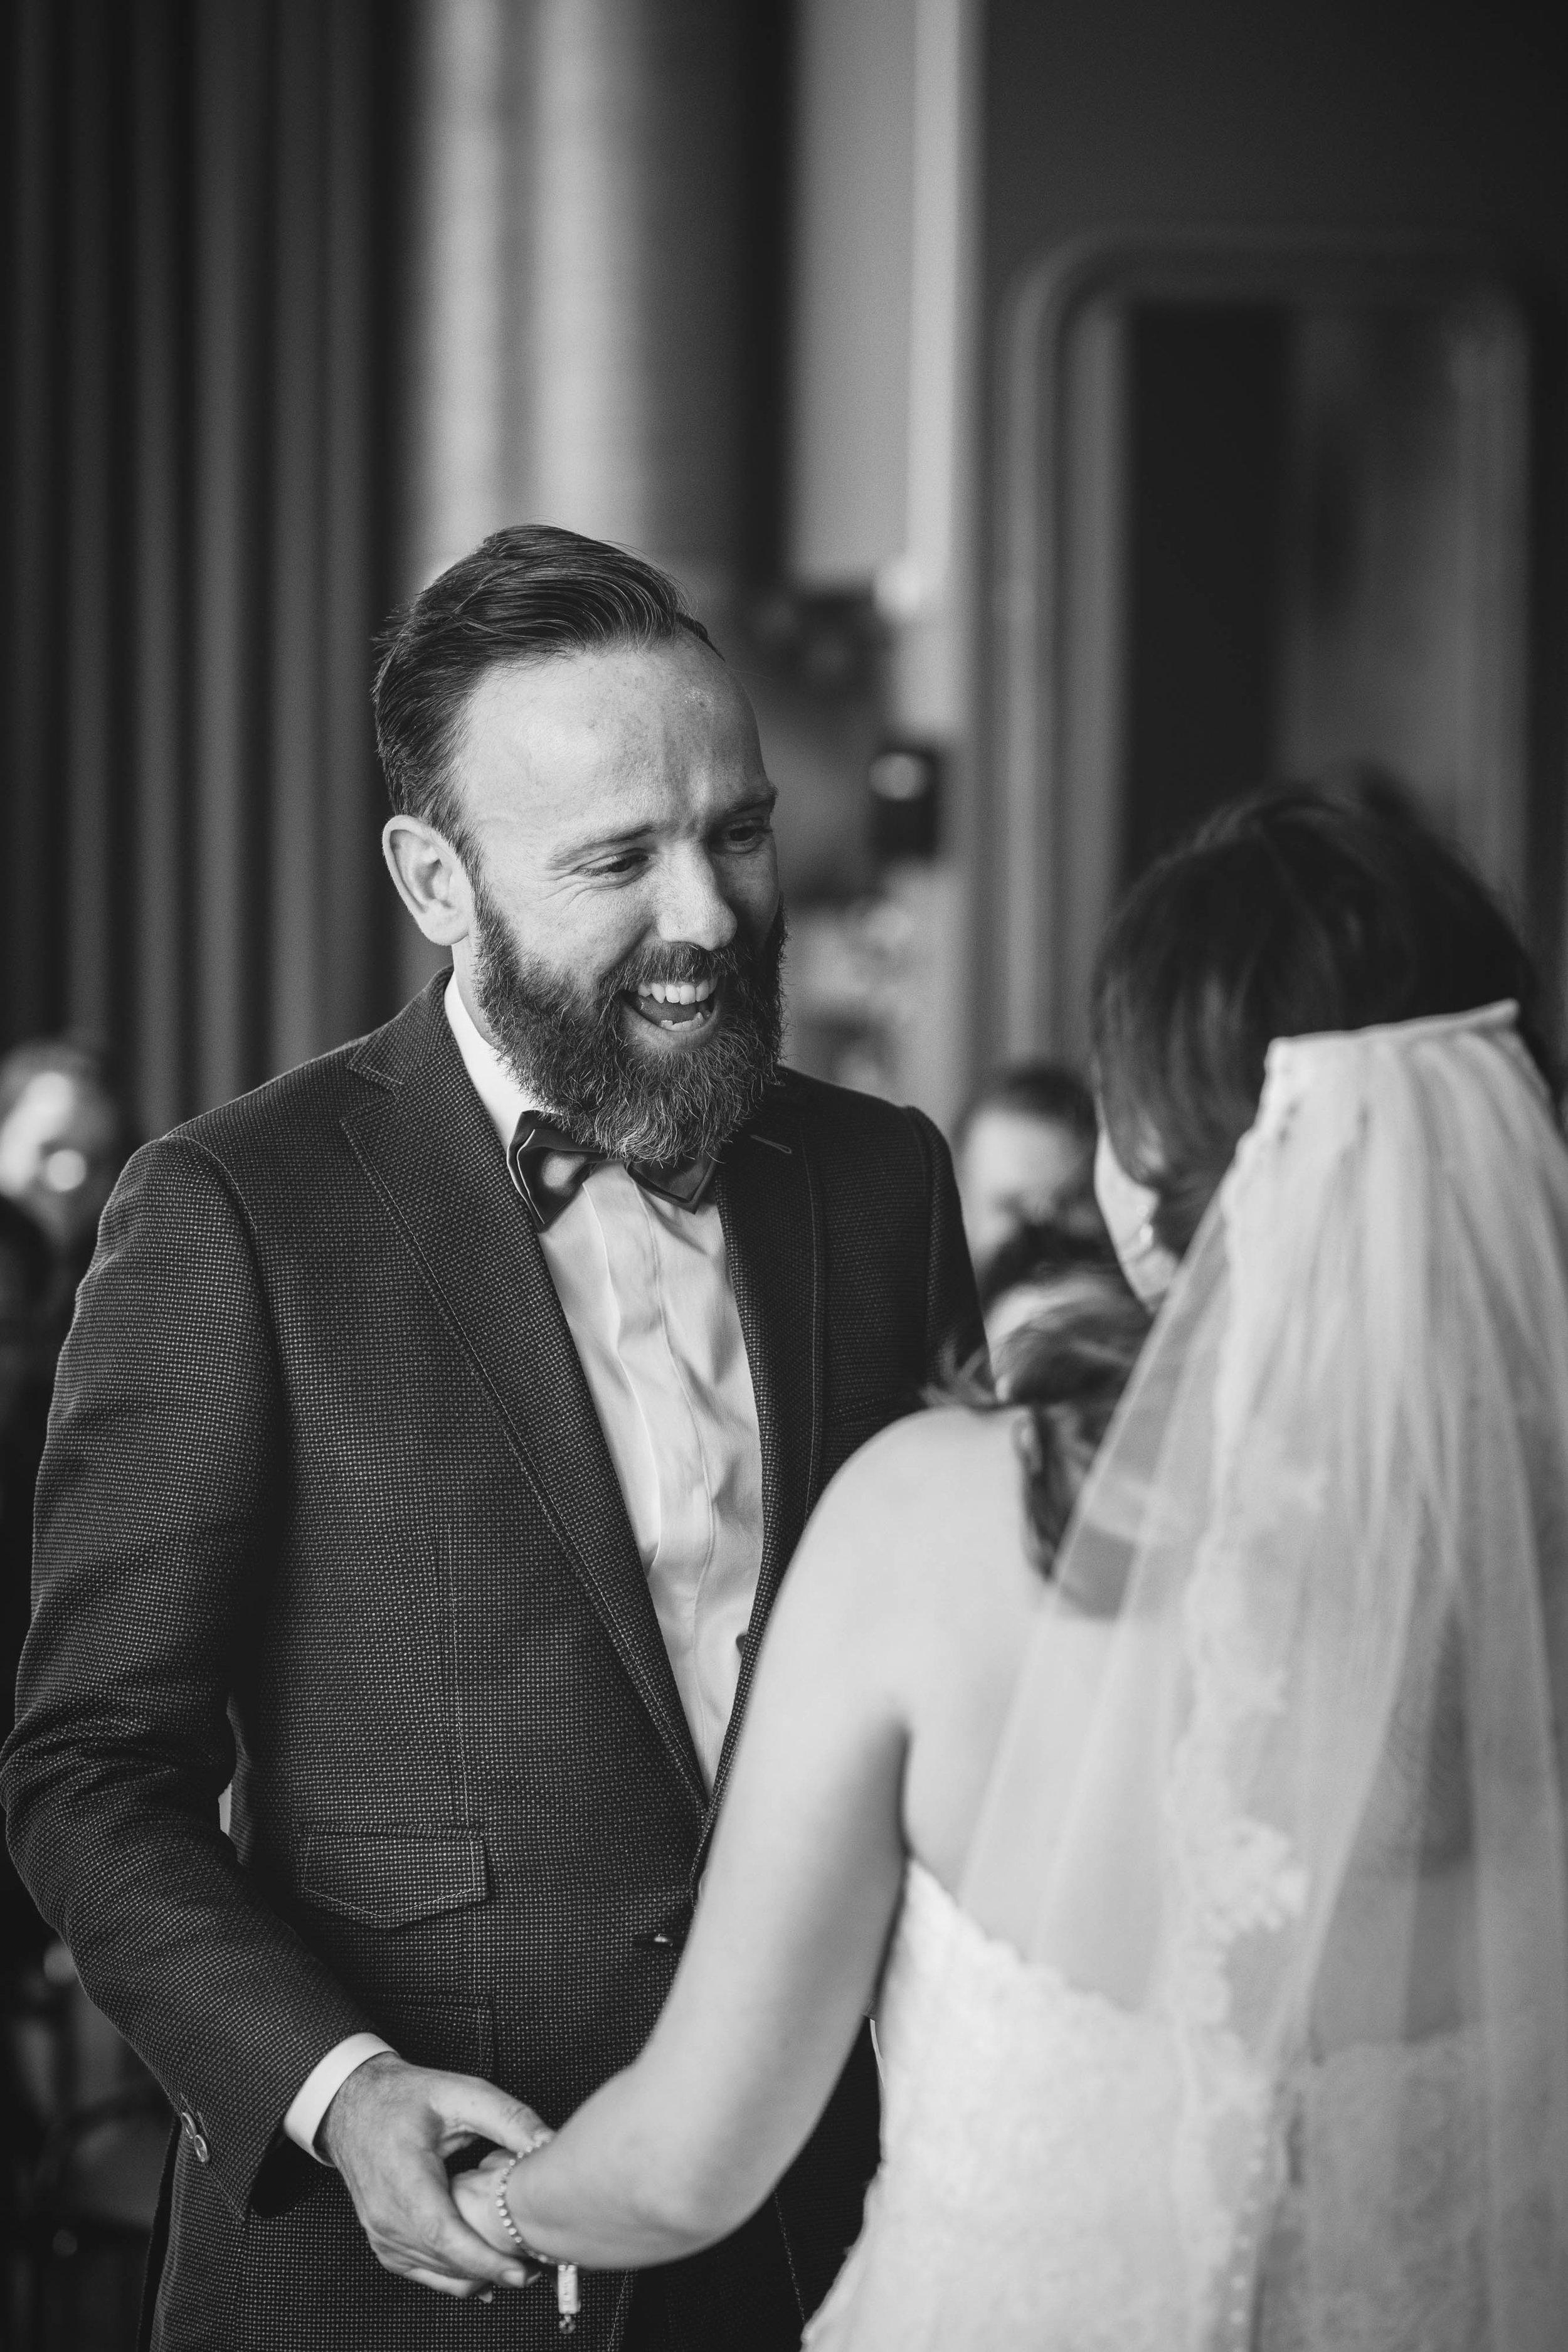 Tijdens de trouwceremonie maak ik een mooie fotoreportage waarin ik zo onopvallend mogelijk de sfeer van de bruiloft vastleg zodat ik echte emoties vastleg.